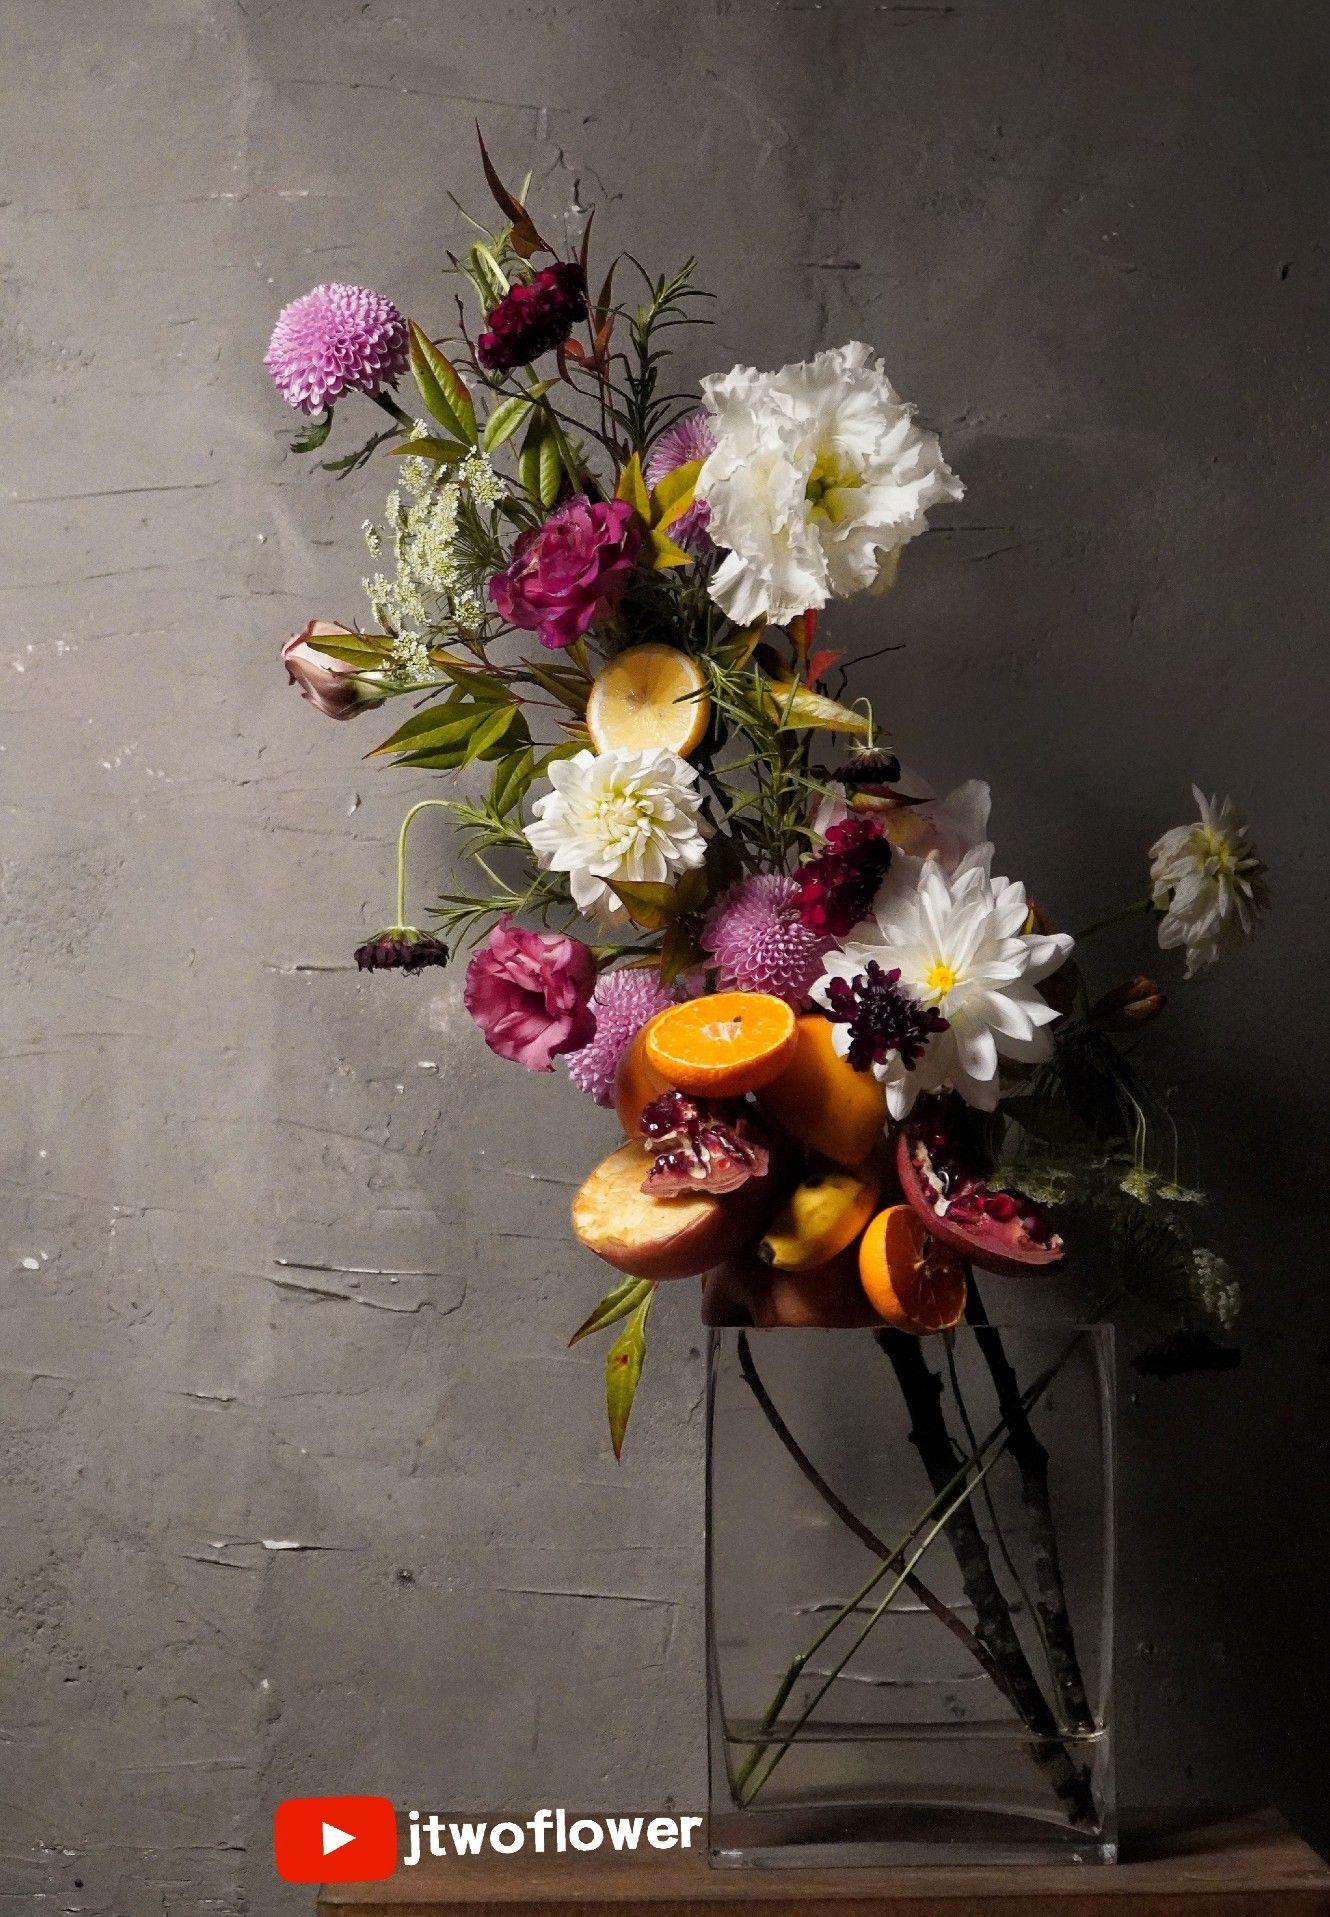 꽃과 과일을 이용한 꽃꽂이입니다(이미지 포함) 꽃꽂이, 꽃